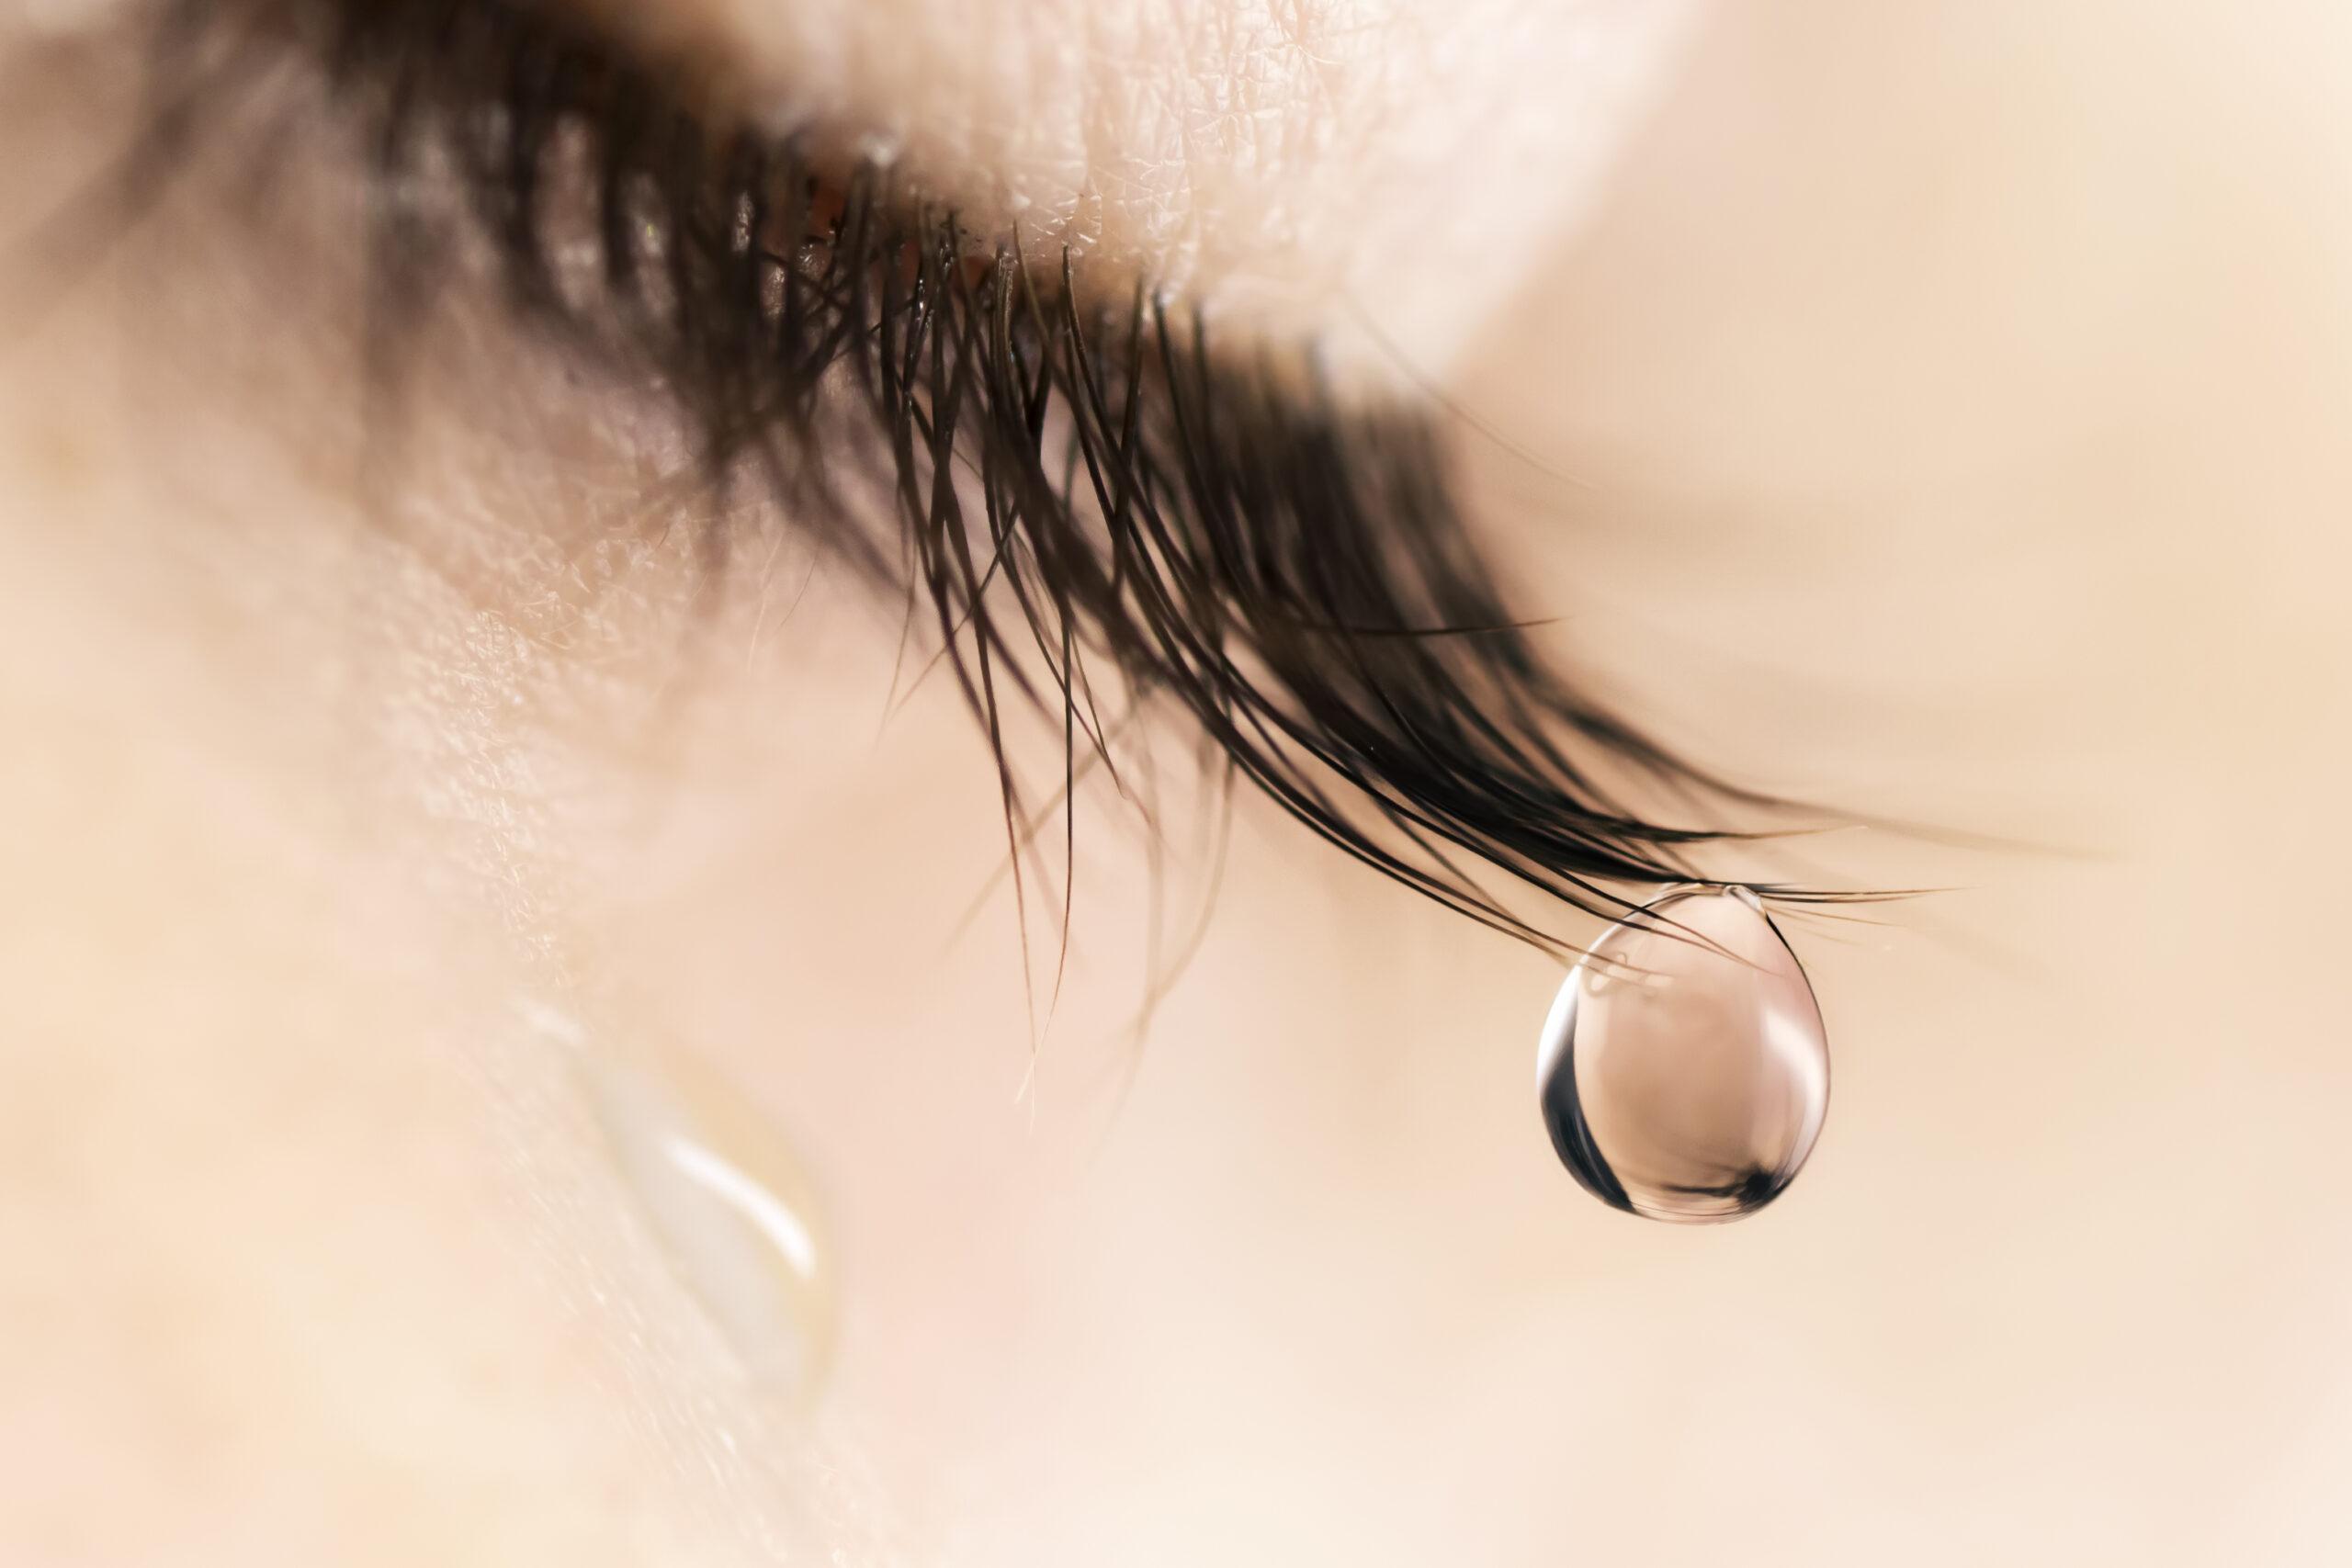 「泣くこと」の効果